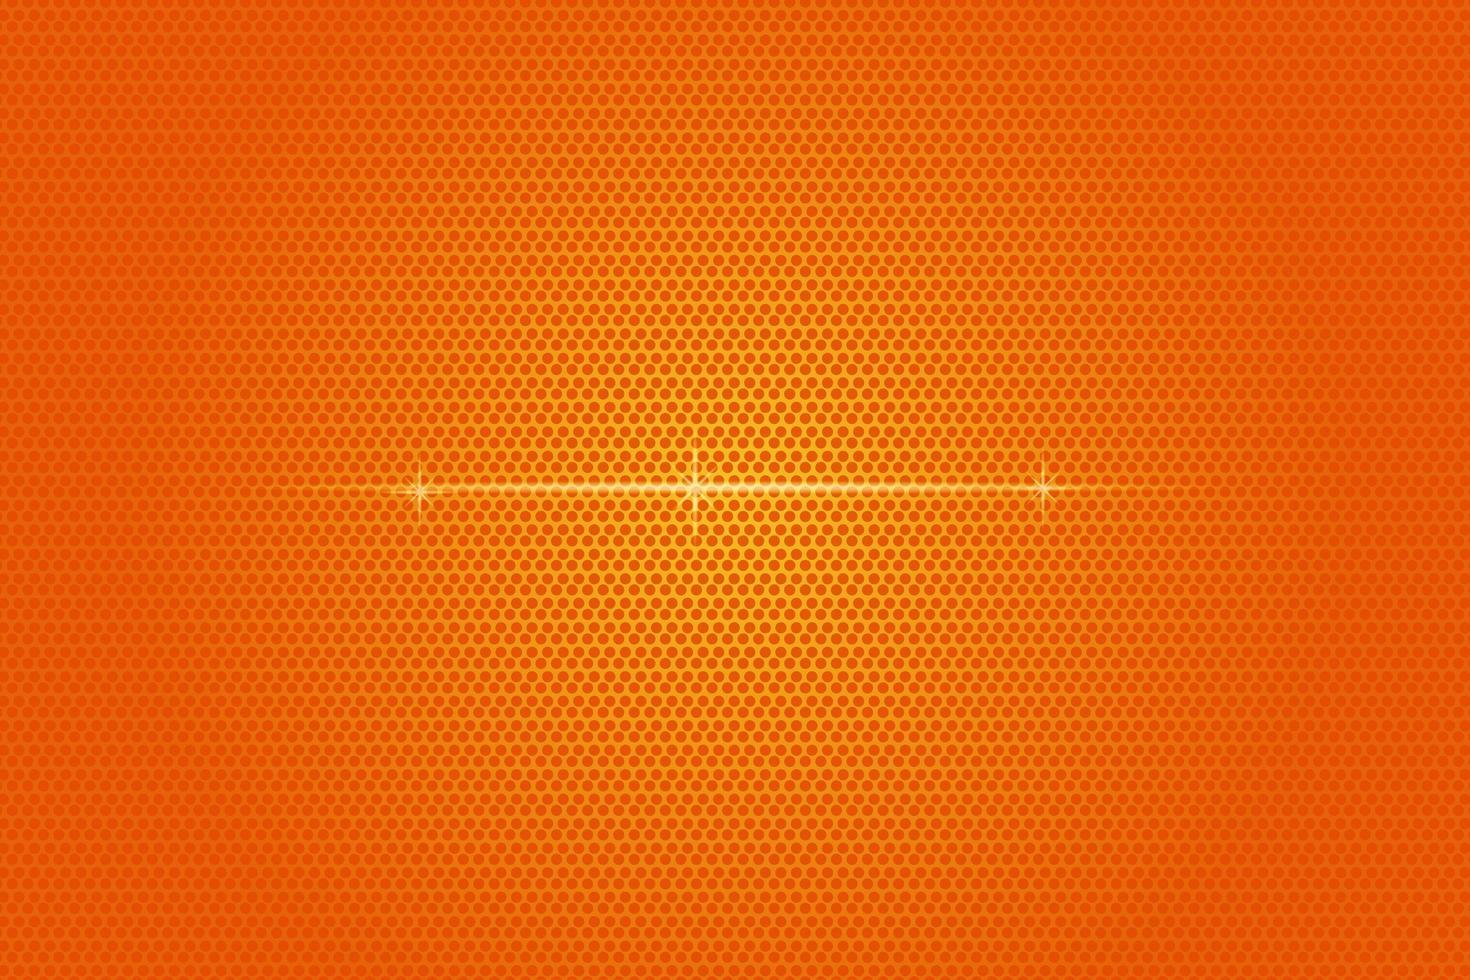 fundo de papel de parede padrão laranja grill vetor